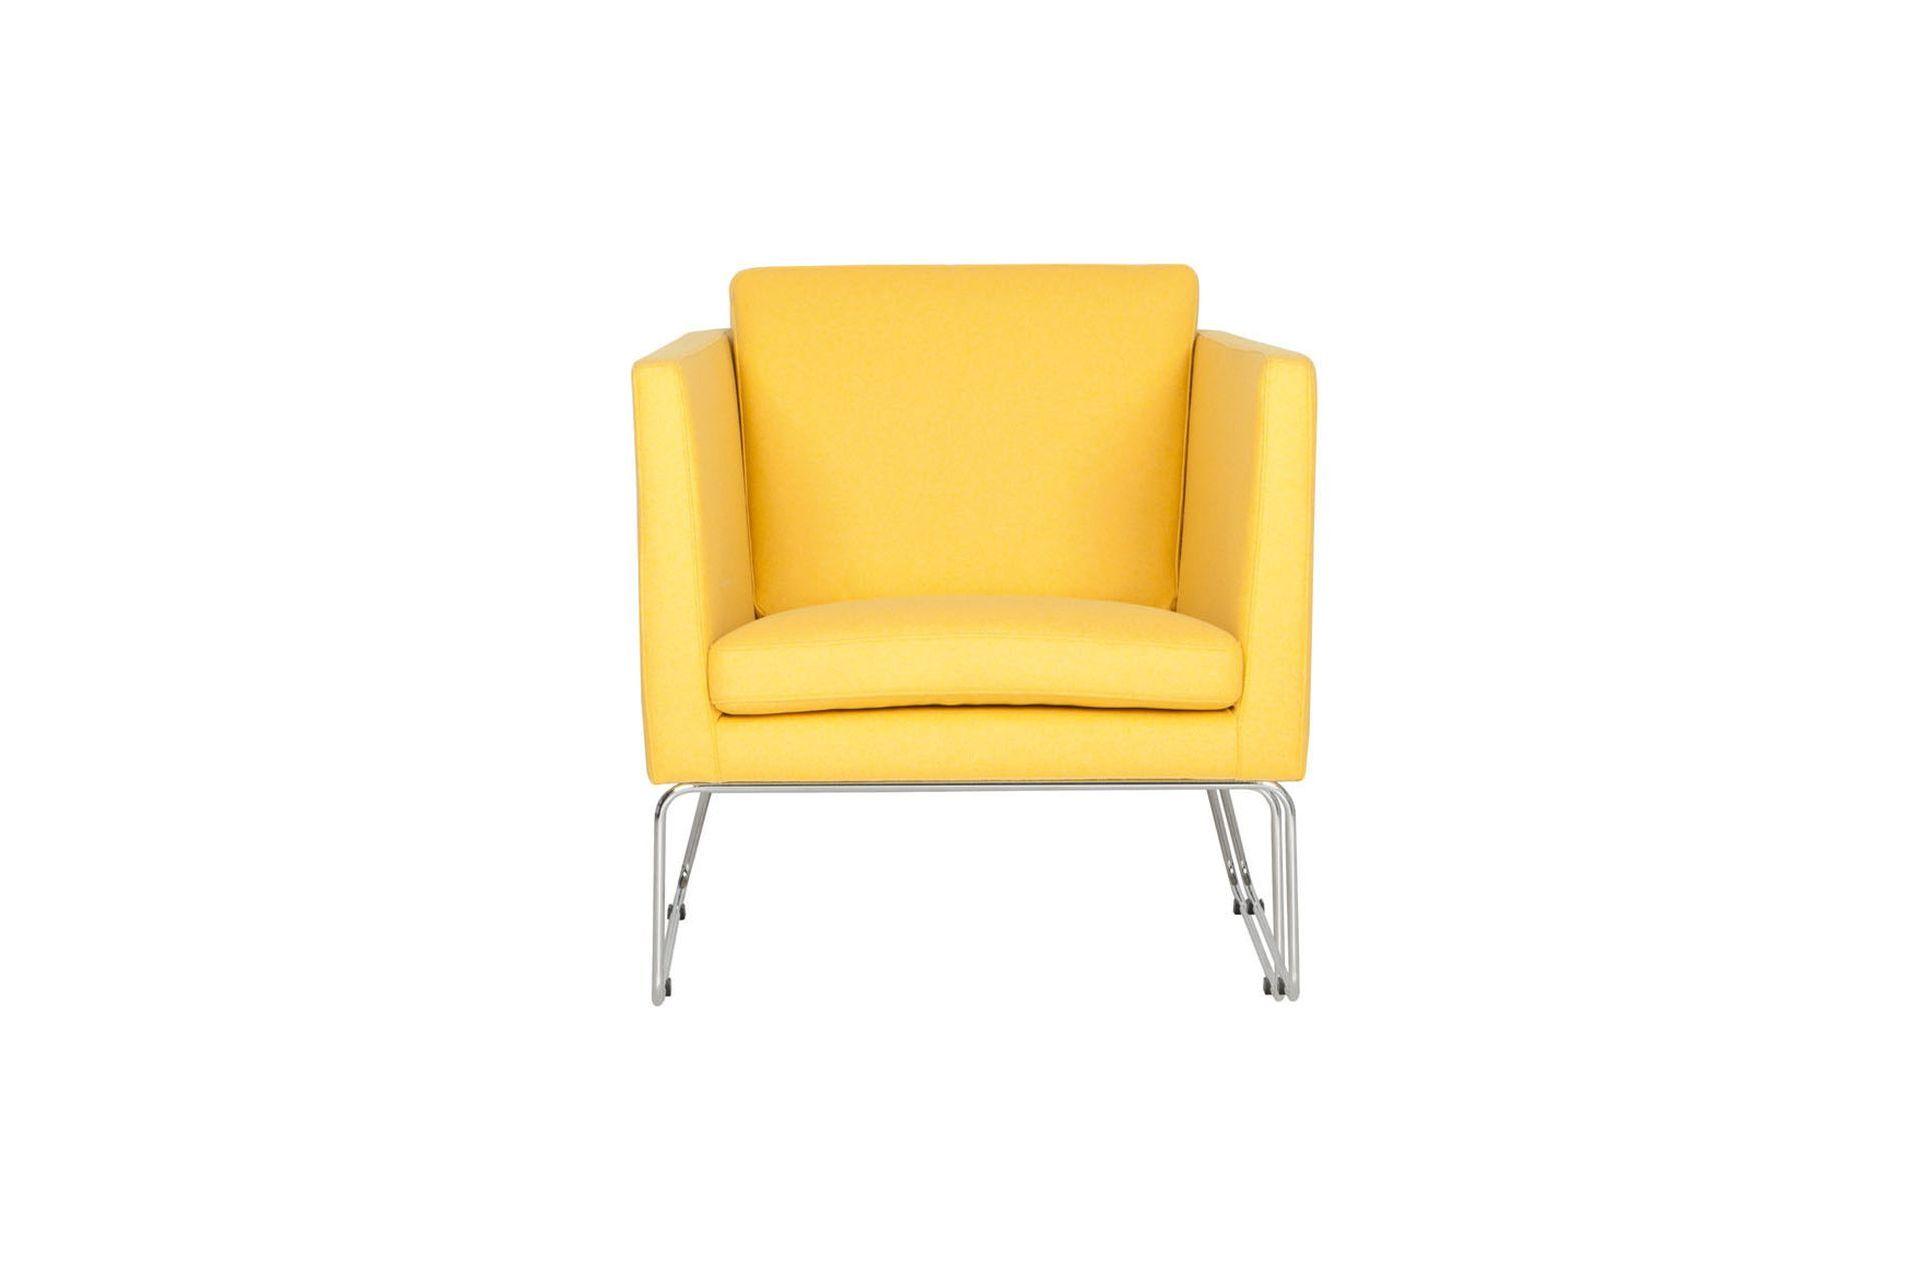 Кресло Sits 6338545 от thefurnish